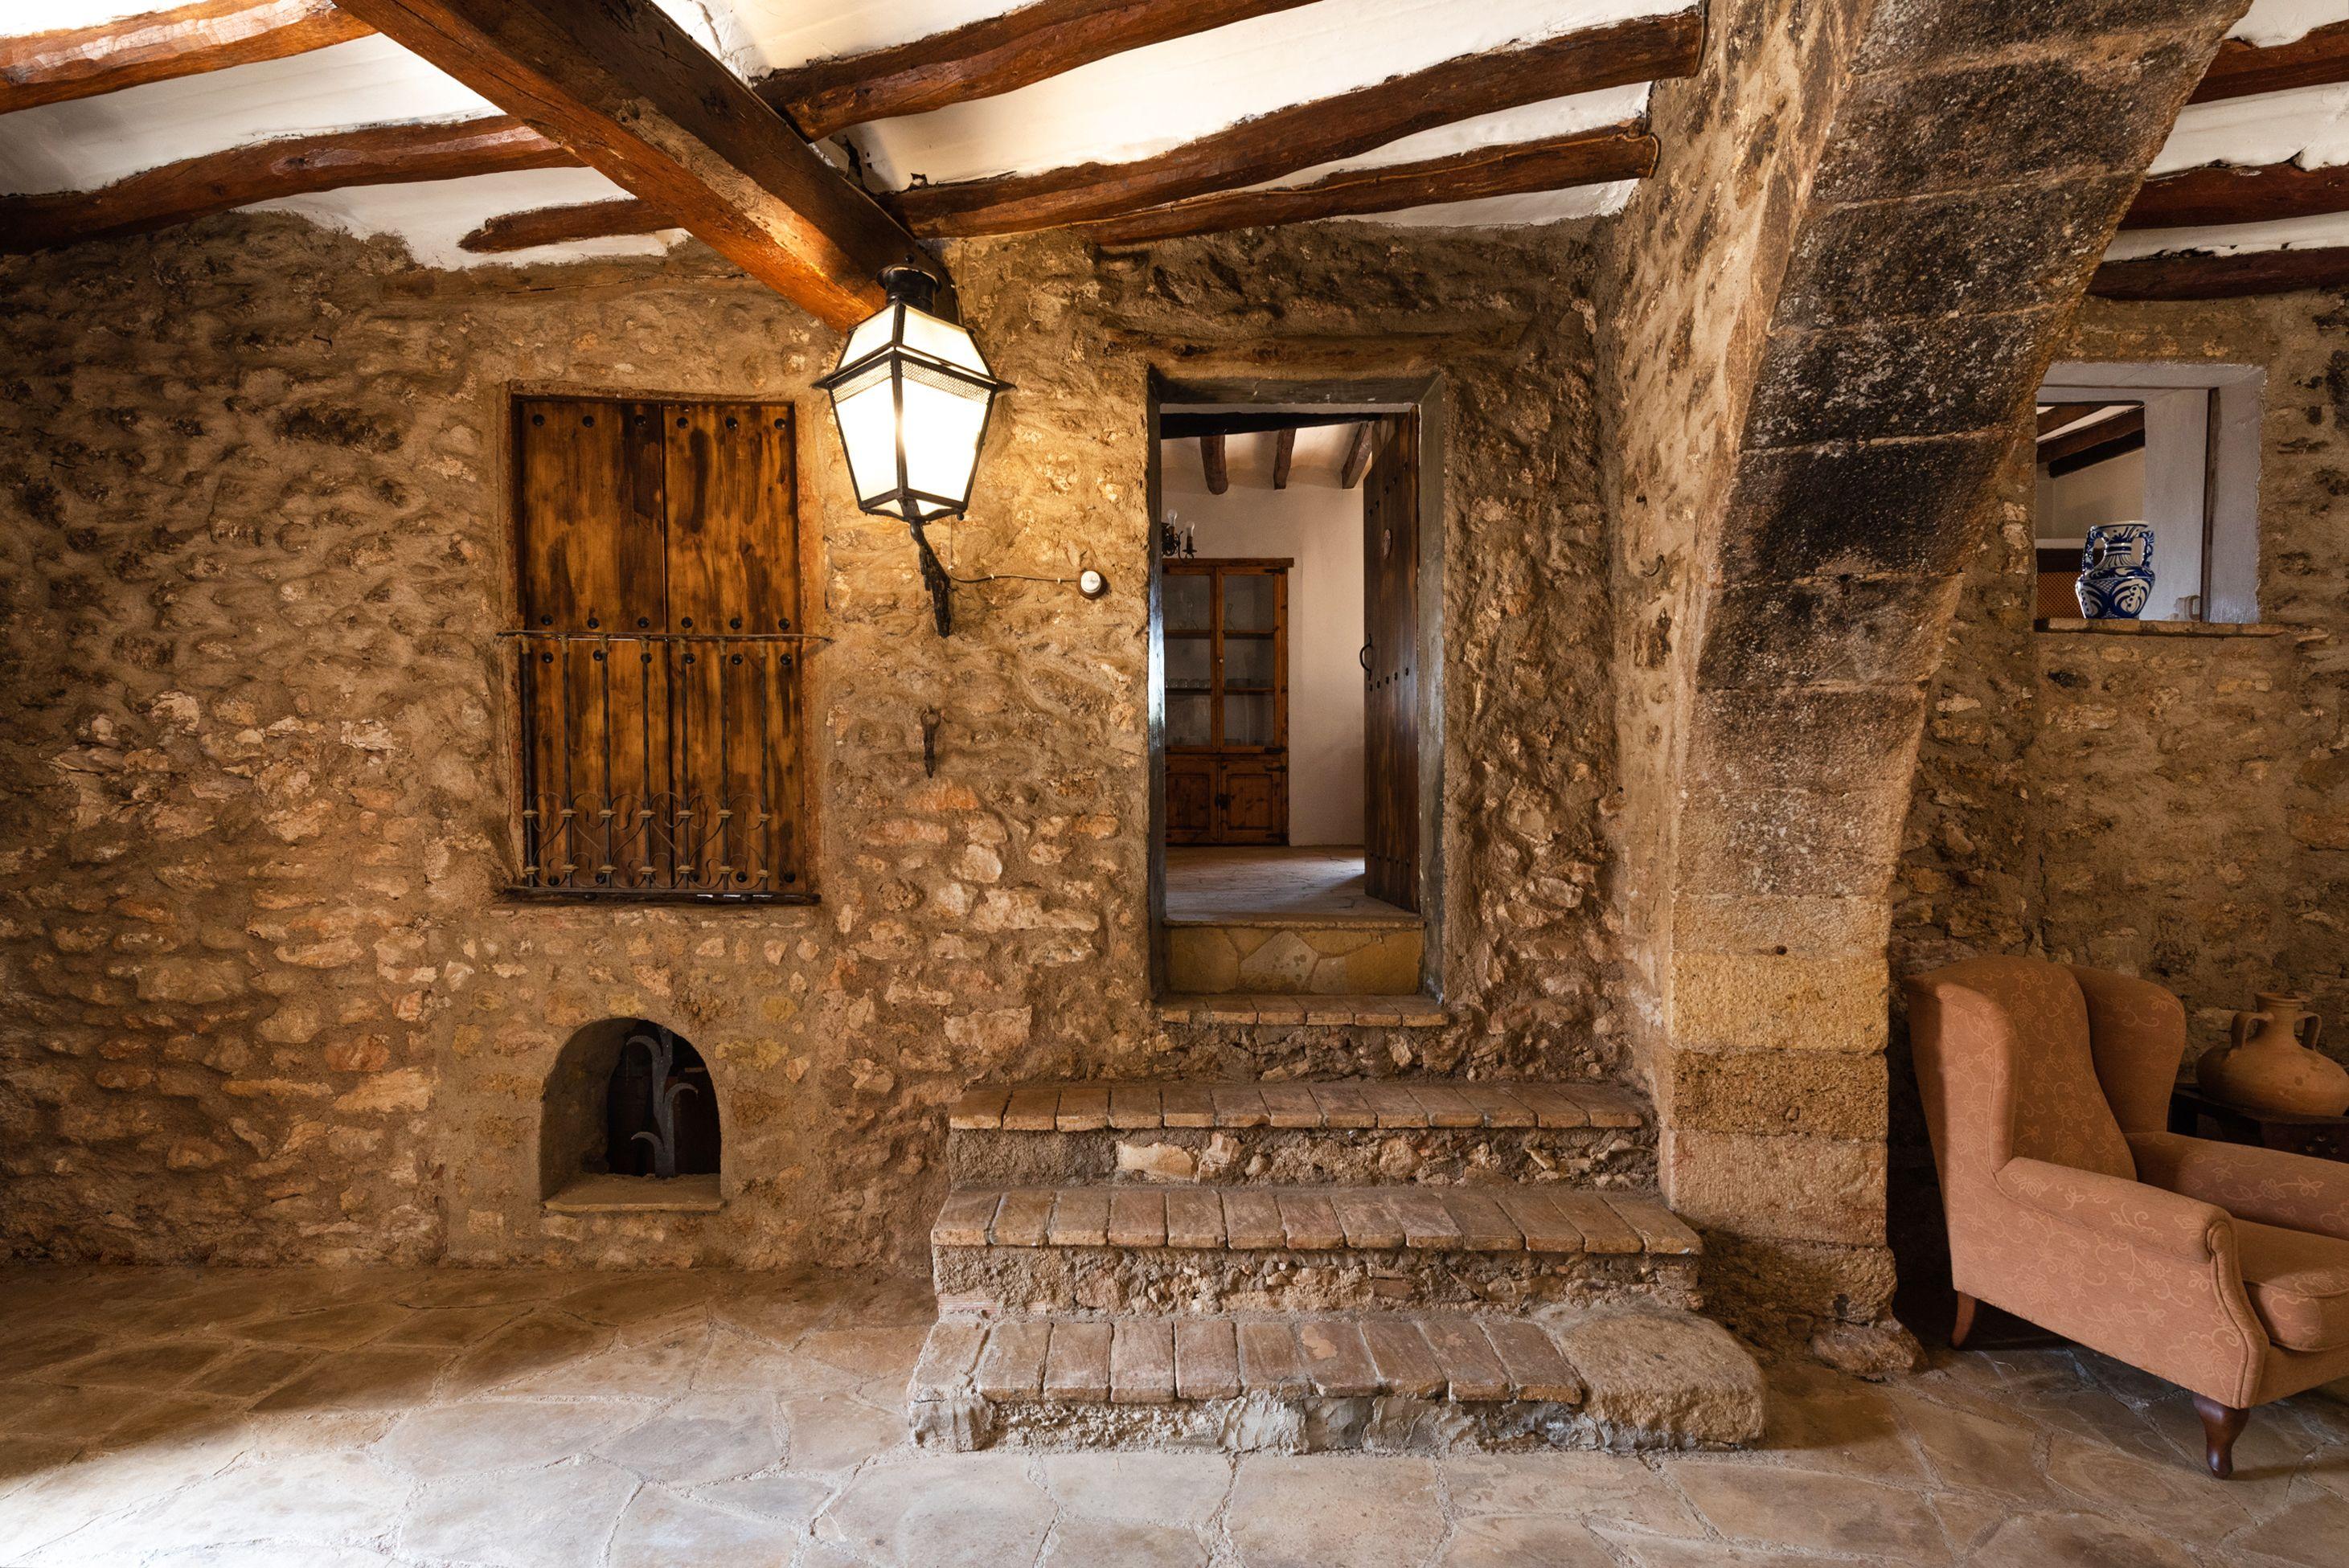 Foto 83 de Alquiler de casa rural en El Catllar | Masía Más d'en Tarrés